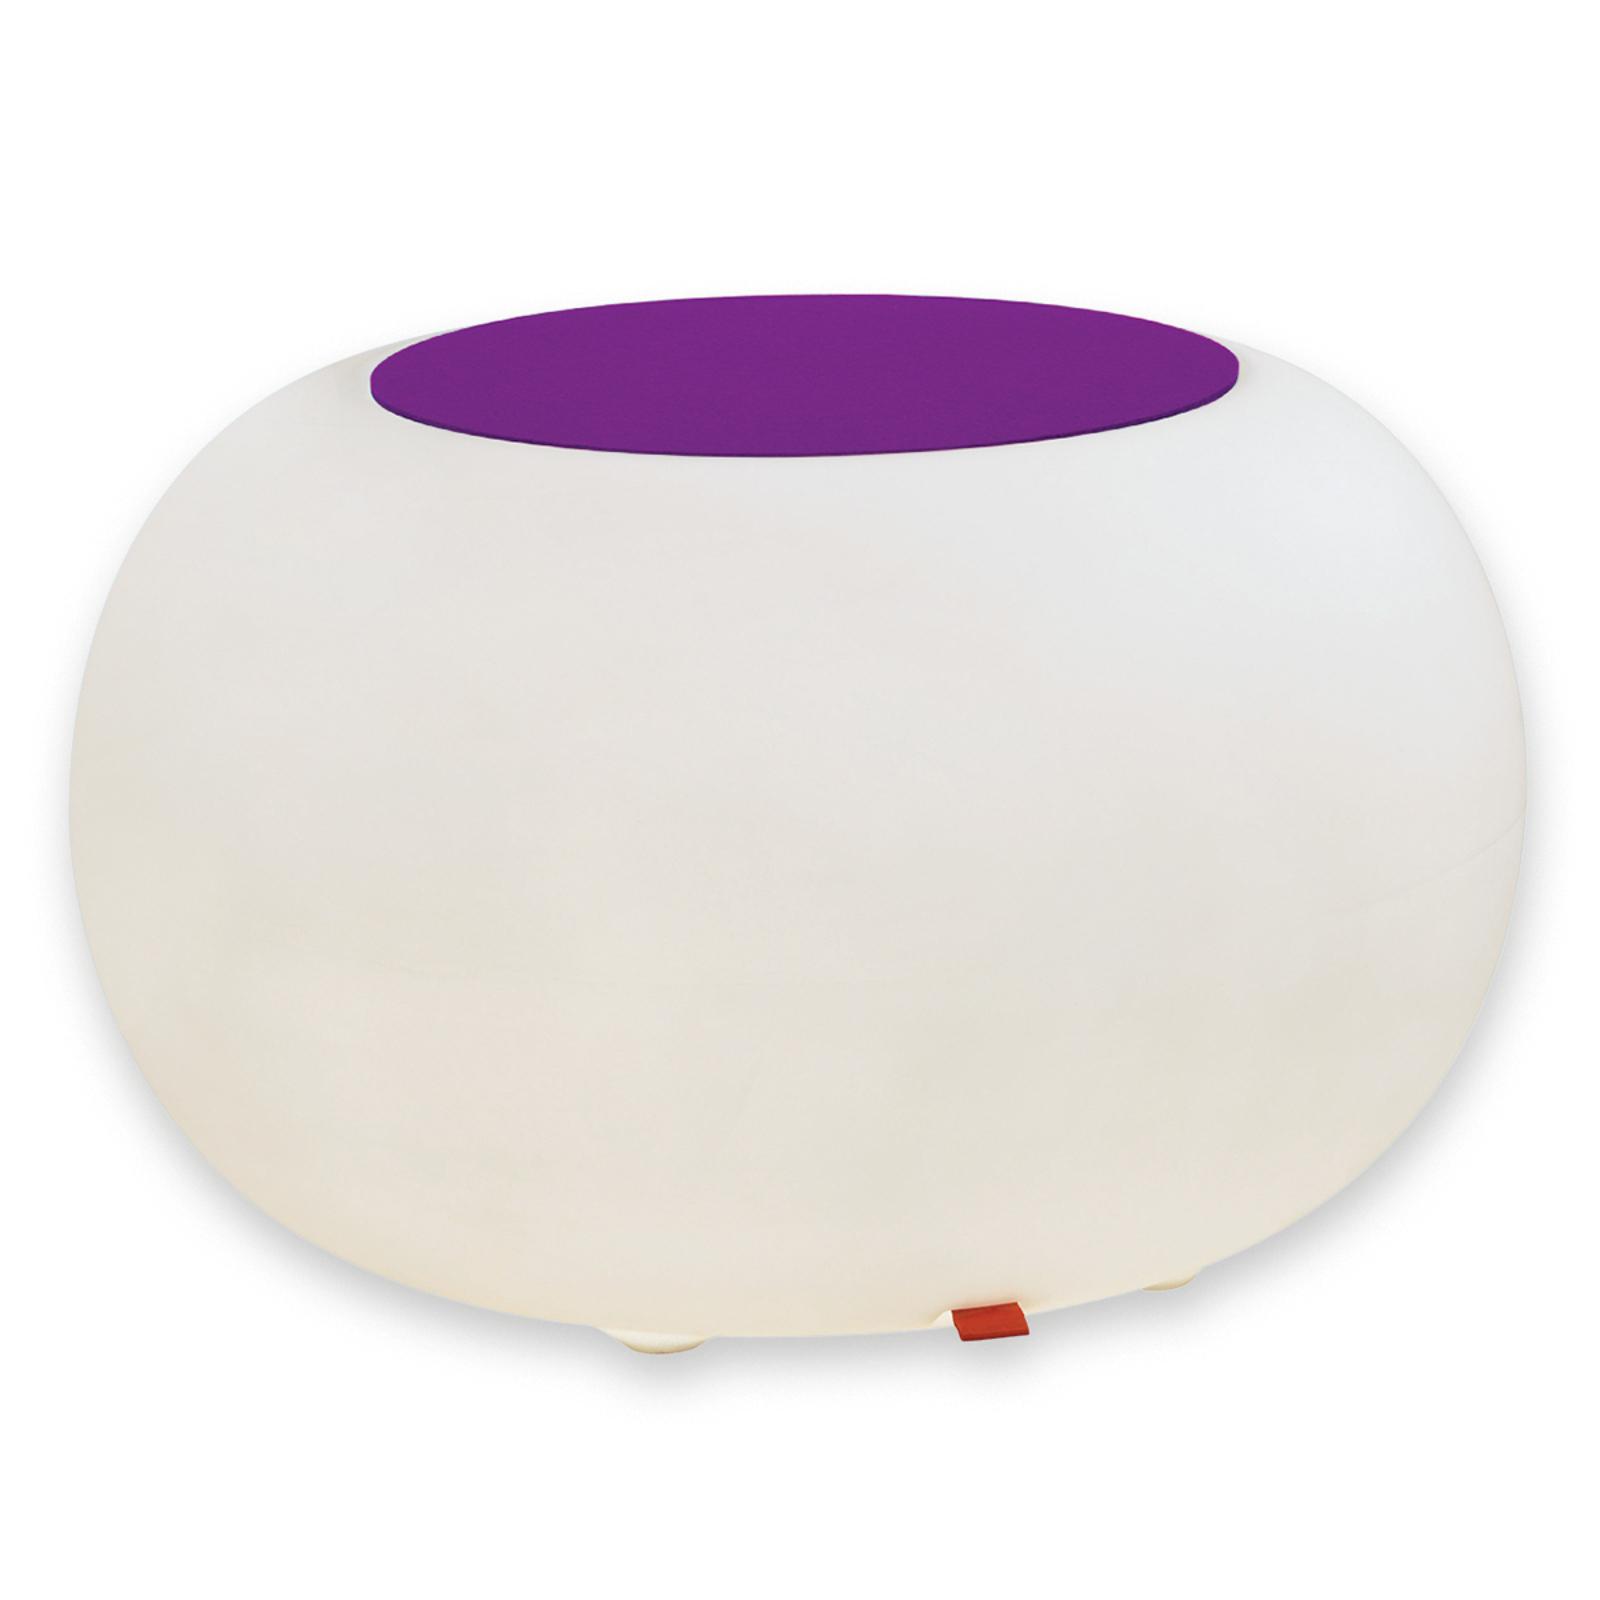 Bord BUBBLE Indoor LED hvitt lys + fiolett filt